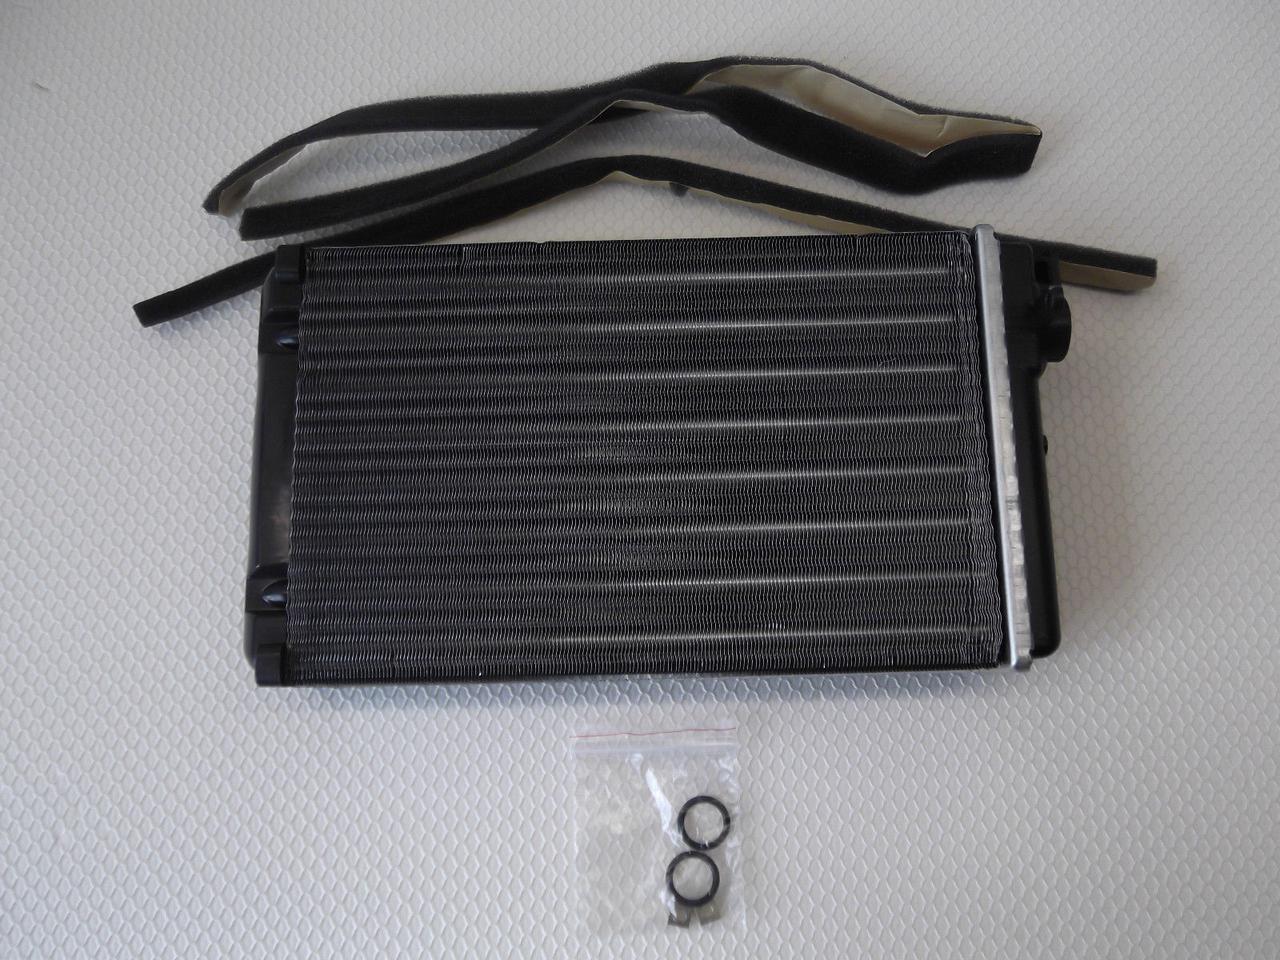 Радиатор печки Opel Omega A 1986-1994 (245*160мм по сотах) KEMP